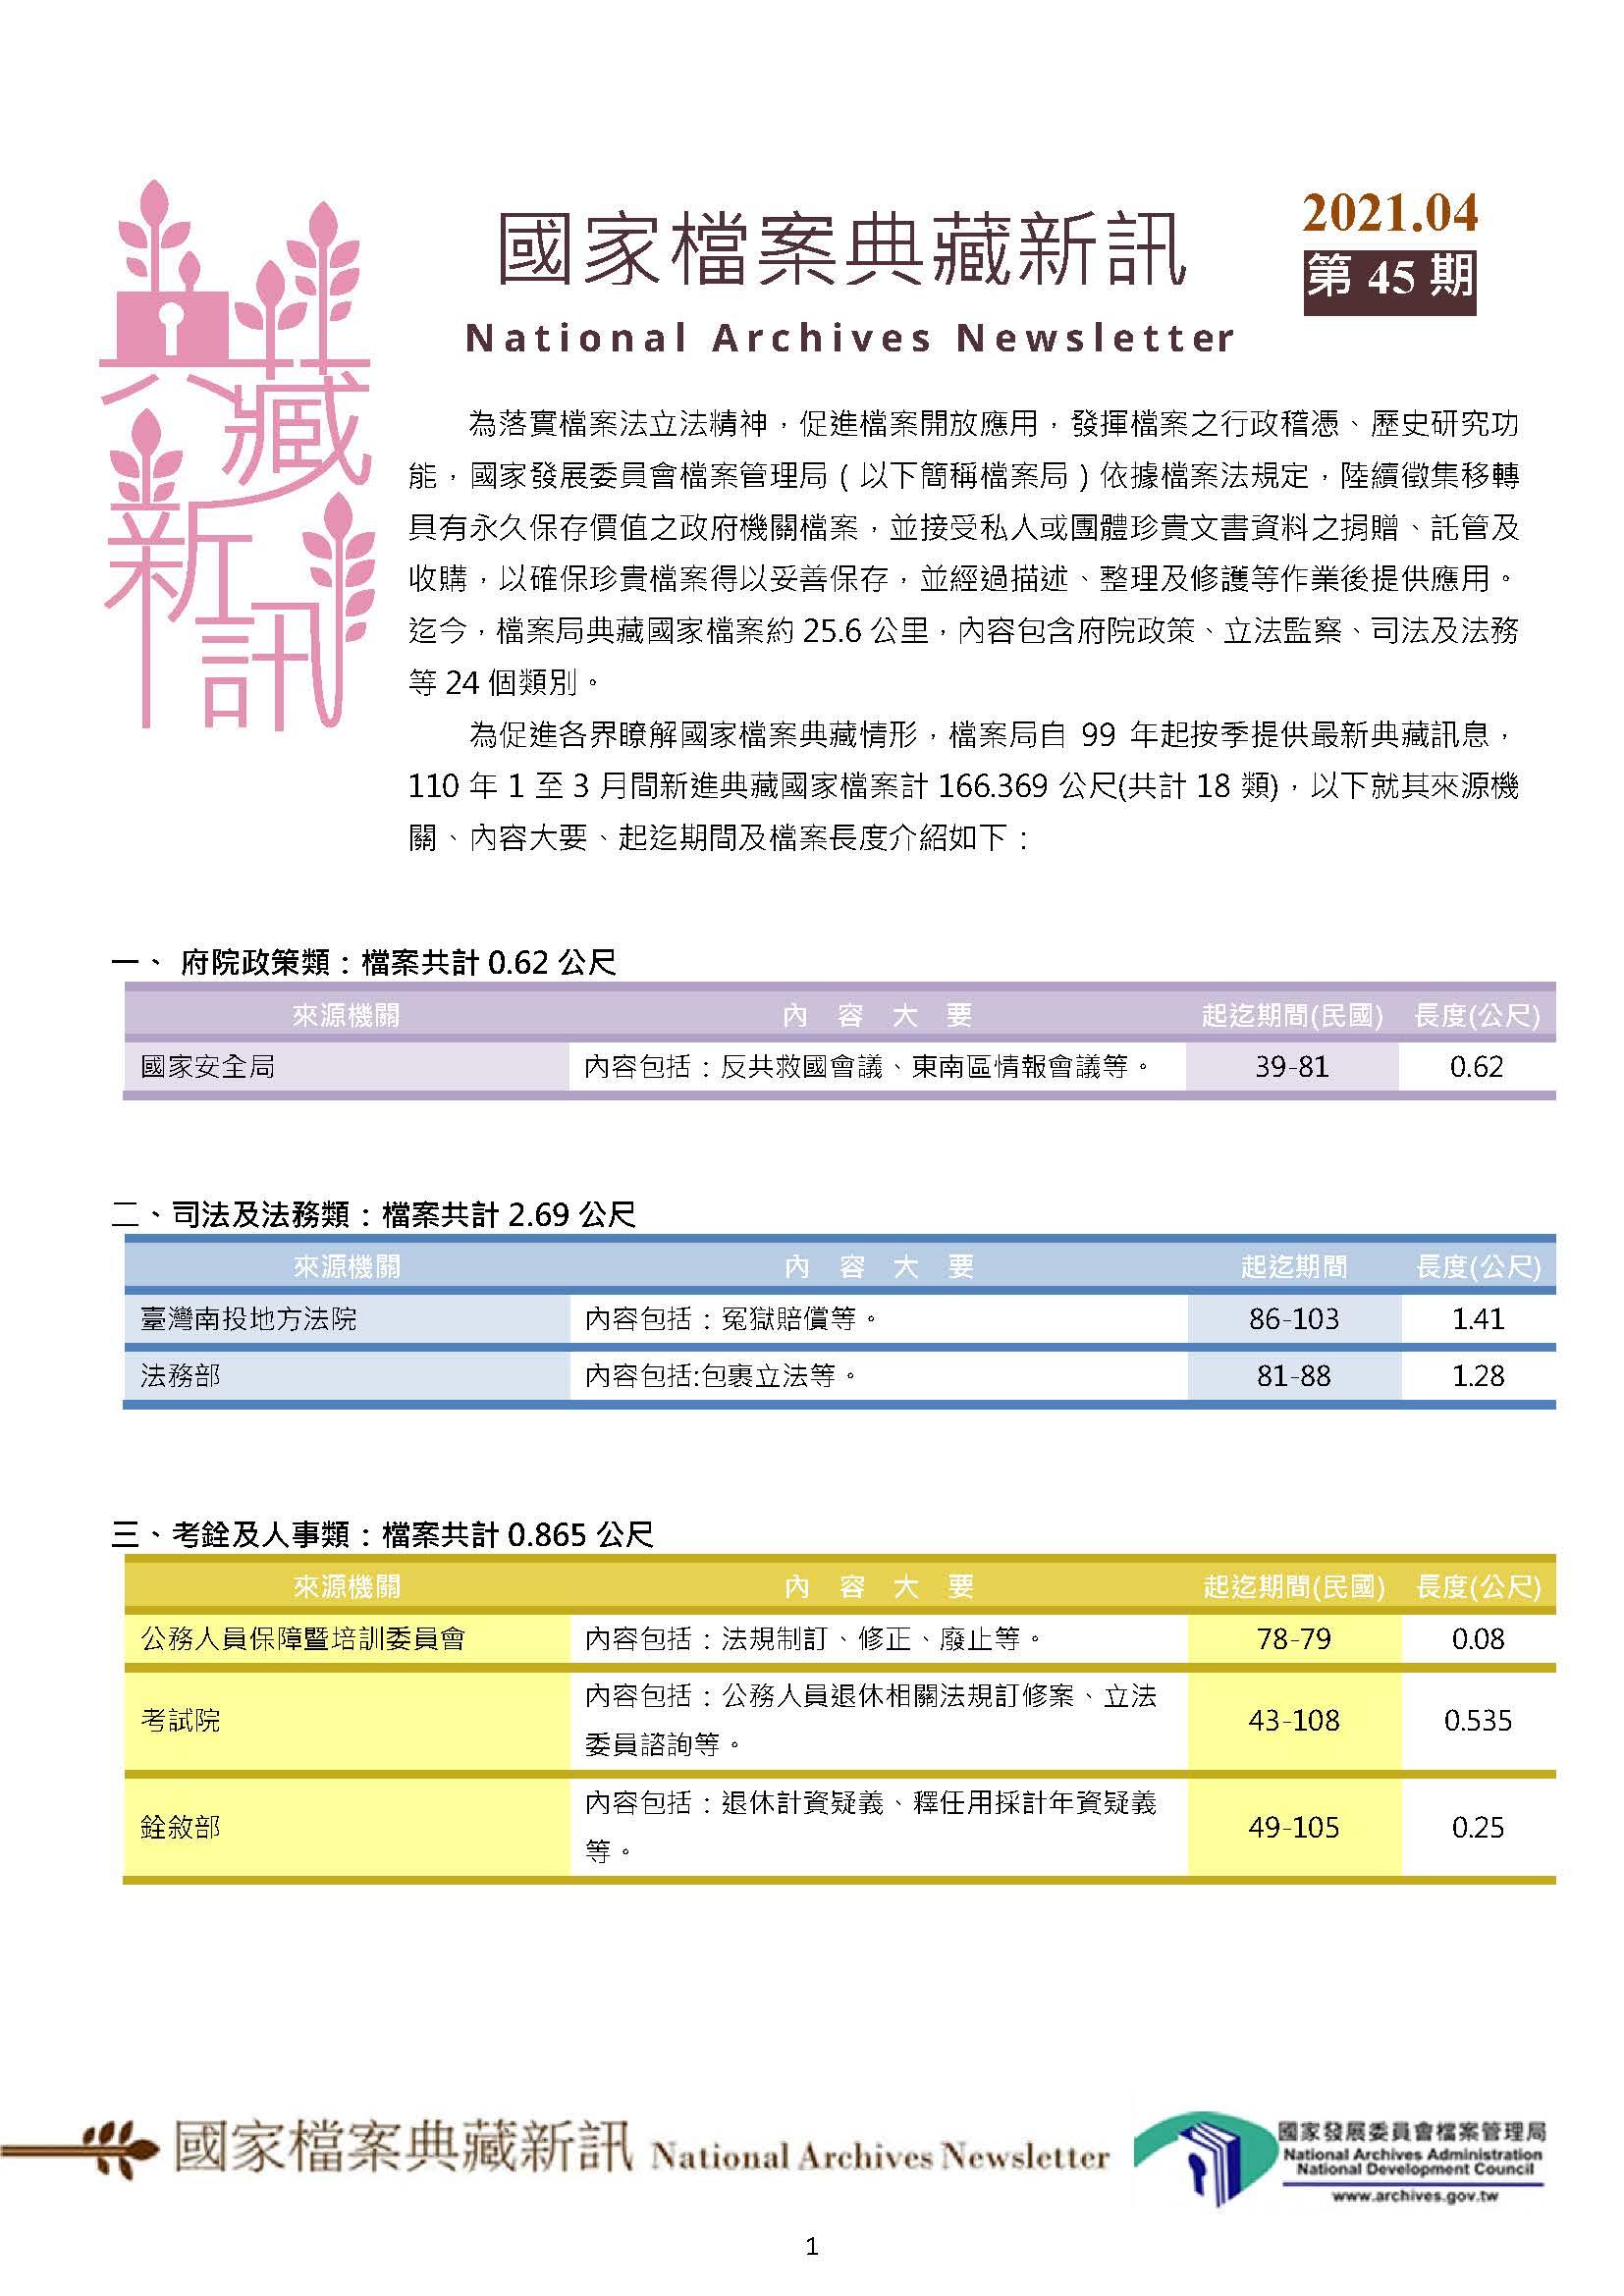 國家檔案典藏新訊第45期出刊